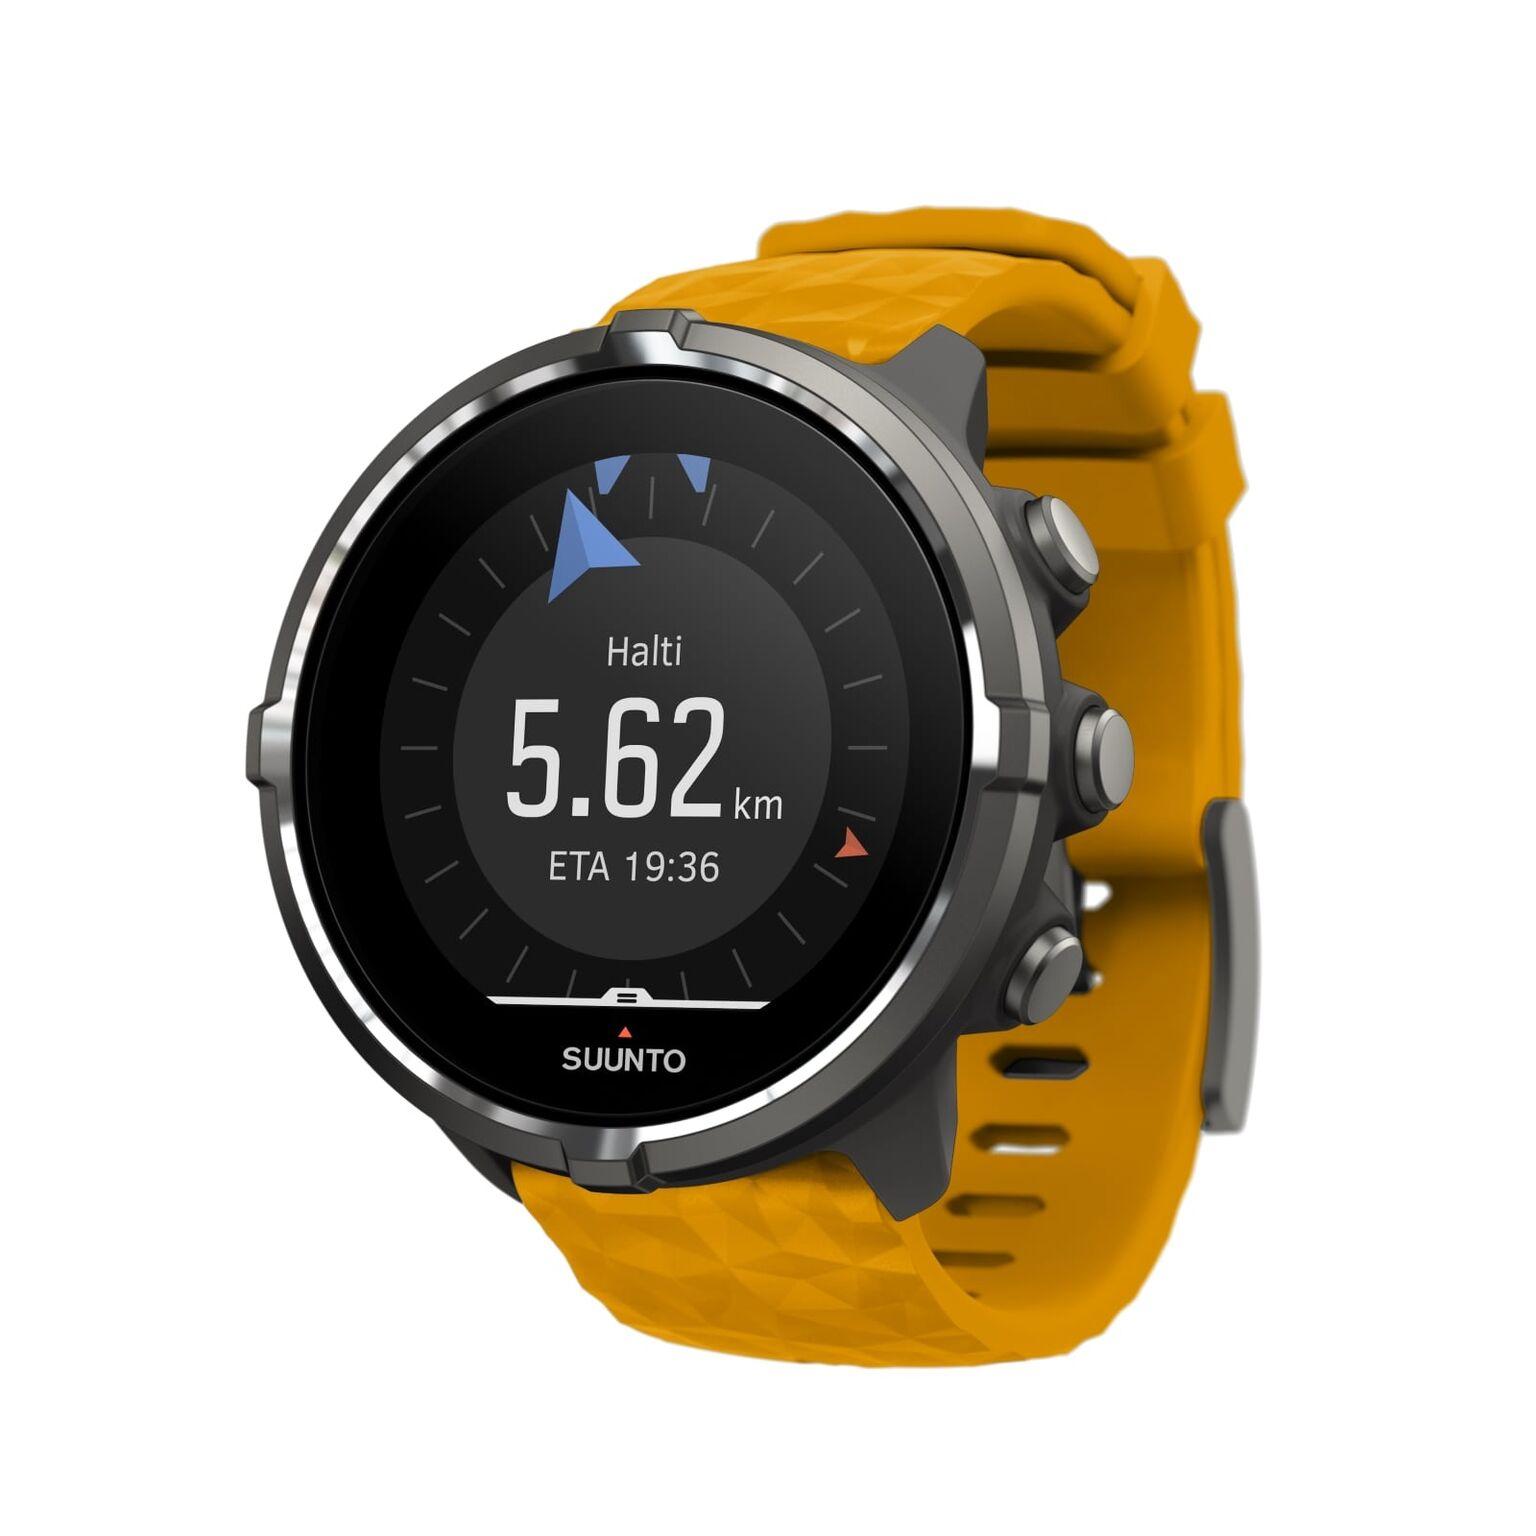 שעון סונטו עם דופק מהיד Suunto Spartan Baro  בשני צבעים לבחירה - משלוח חינם - תמונה 3